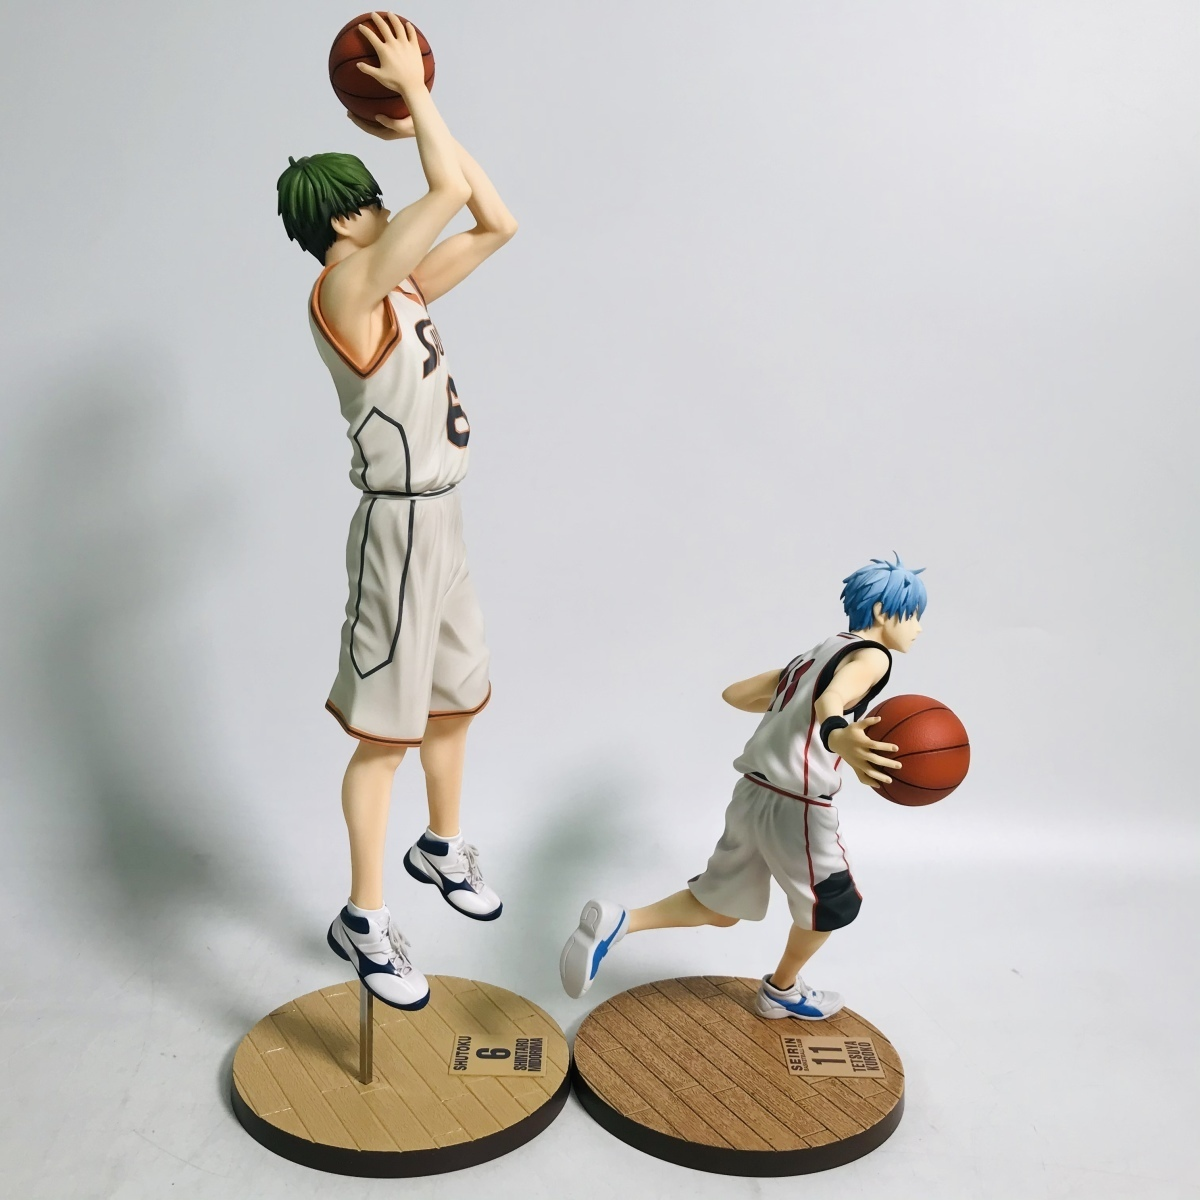 中古品 メガハウス 黒子のバスケ フィギュアシリーズ 黒子テツヤ 緑間真太郎 セット_画像6